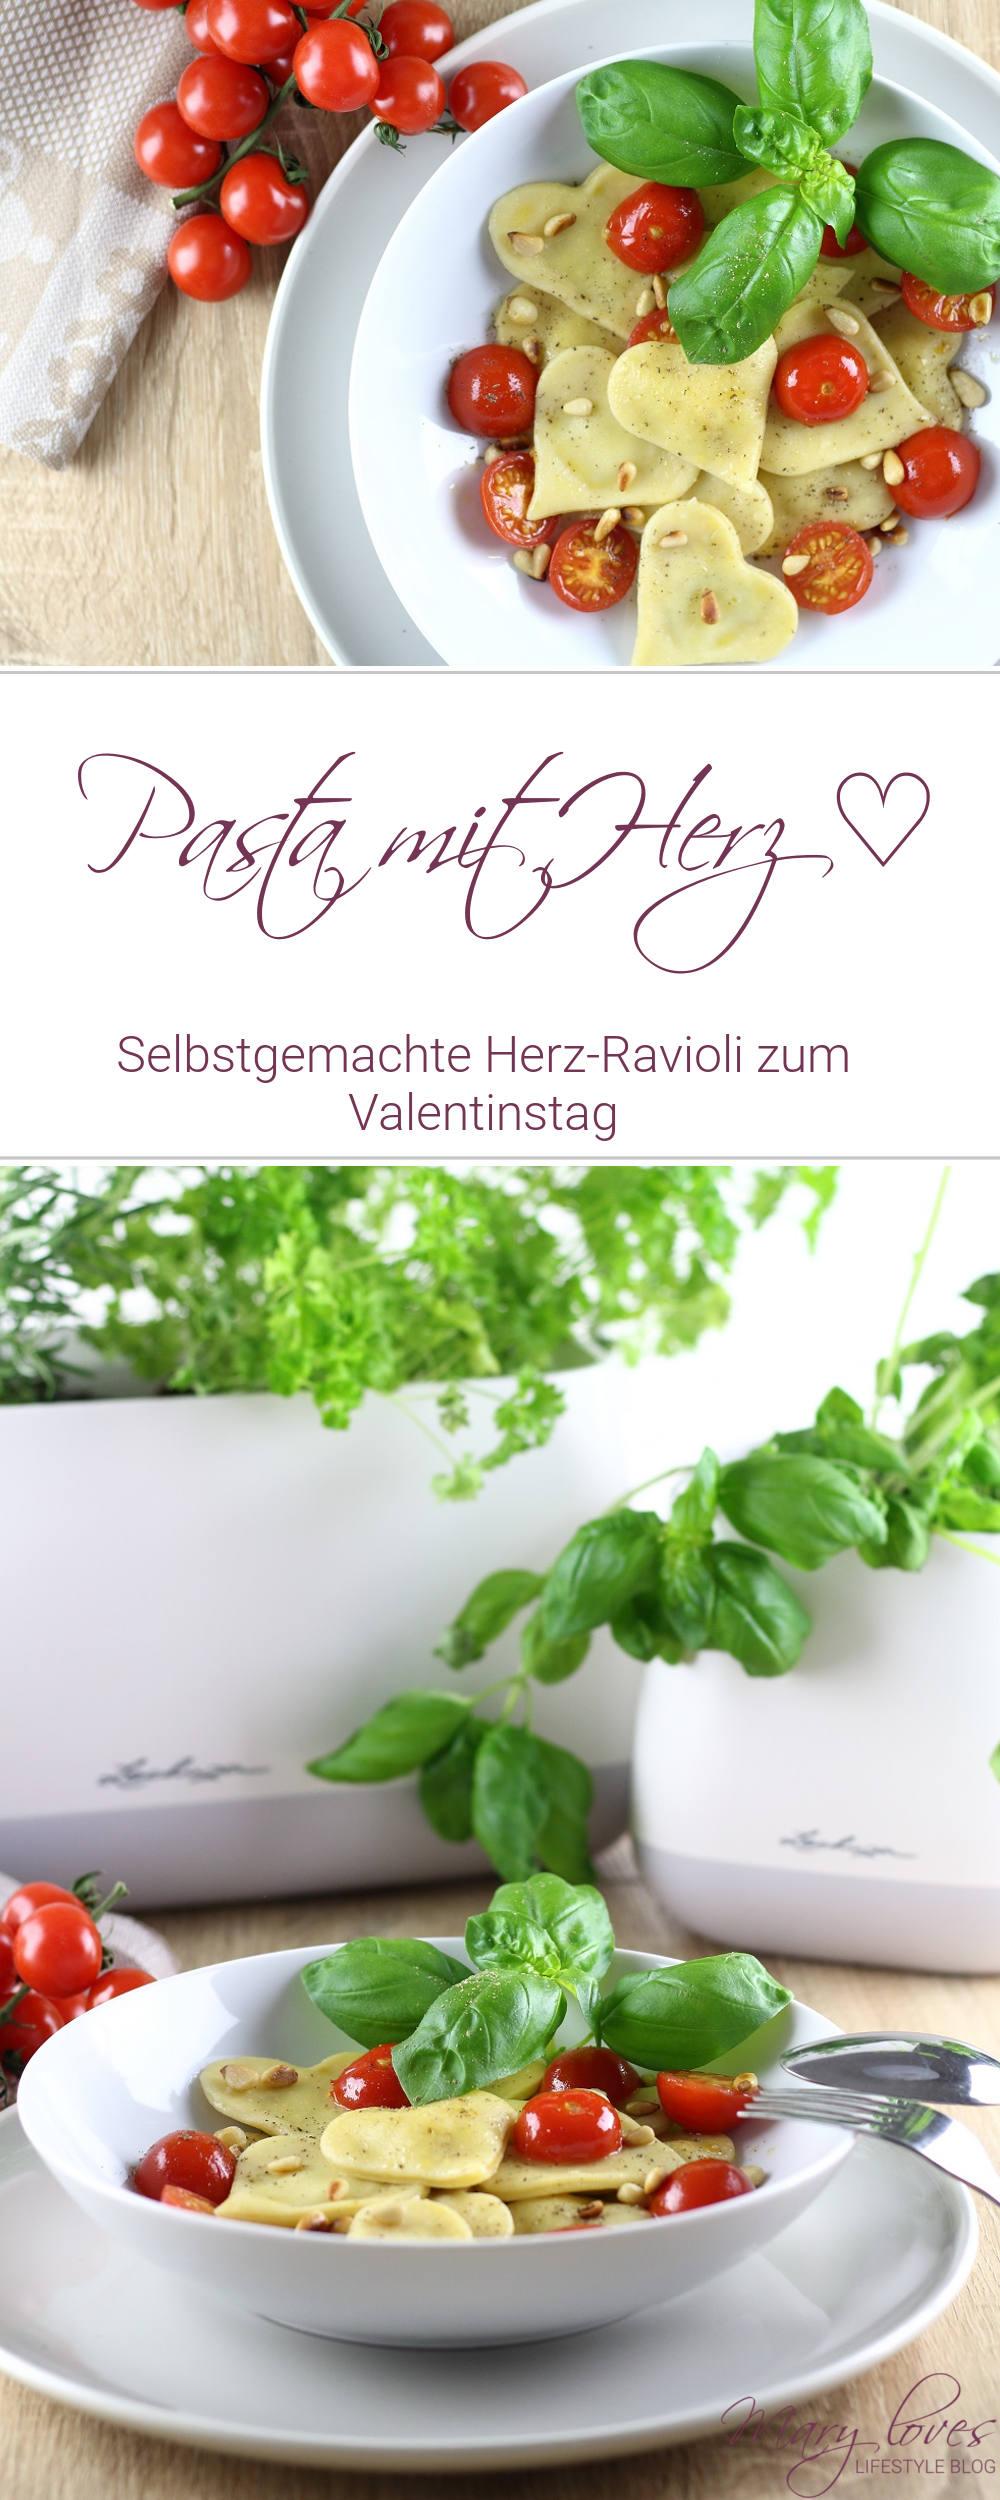 [Anzeige] Pasta mit Herz - Selbstgemachte Herz-Ravioli zum Valentinstag - #valentinstag #herzravioli #ravioli #pastarezept #pasta